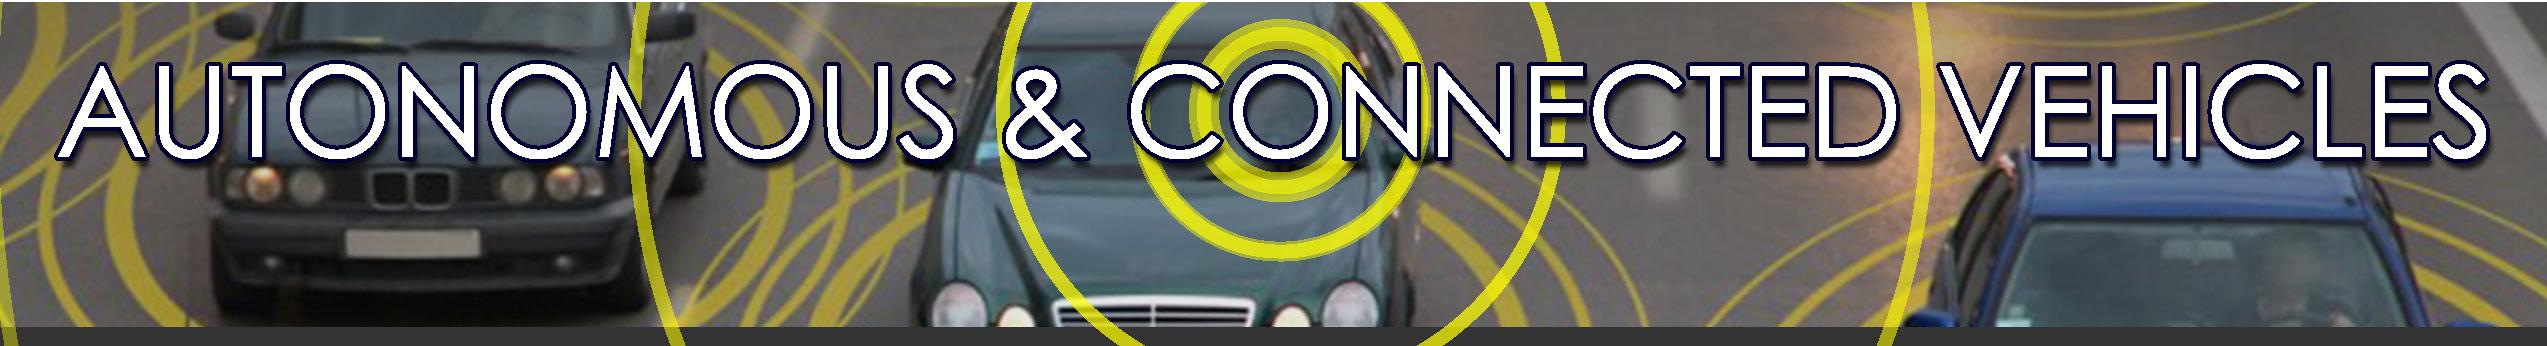 Autonomous & Connected Vehicle Workshop Series